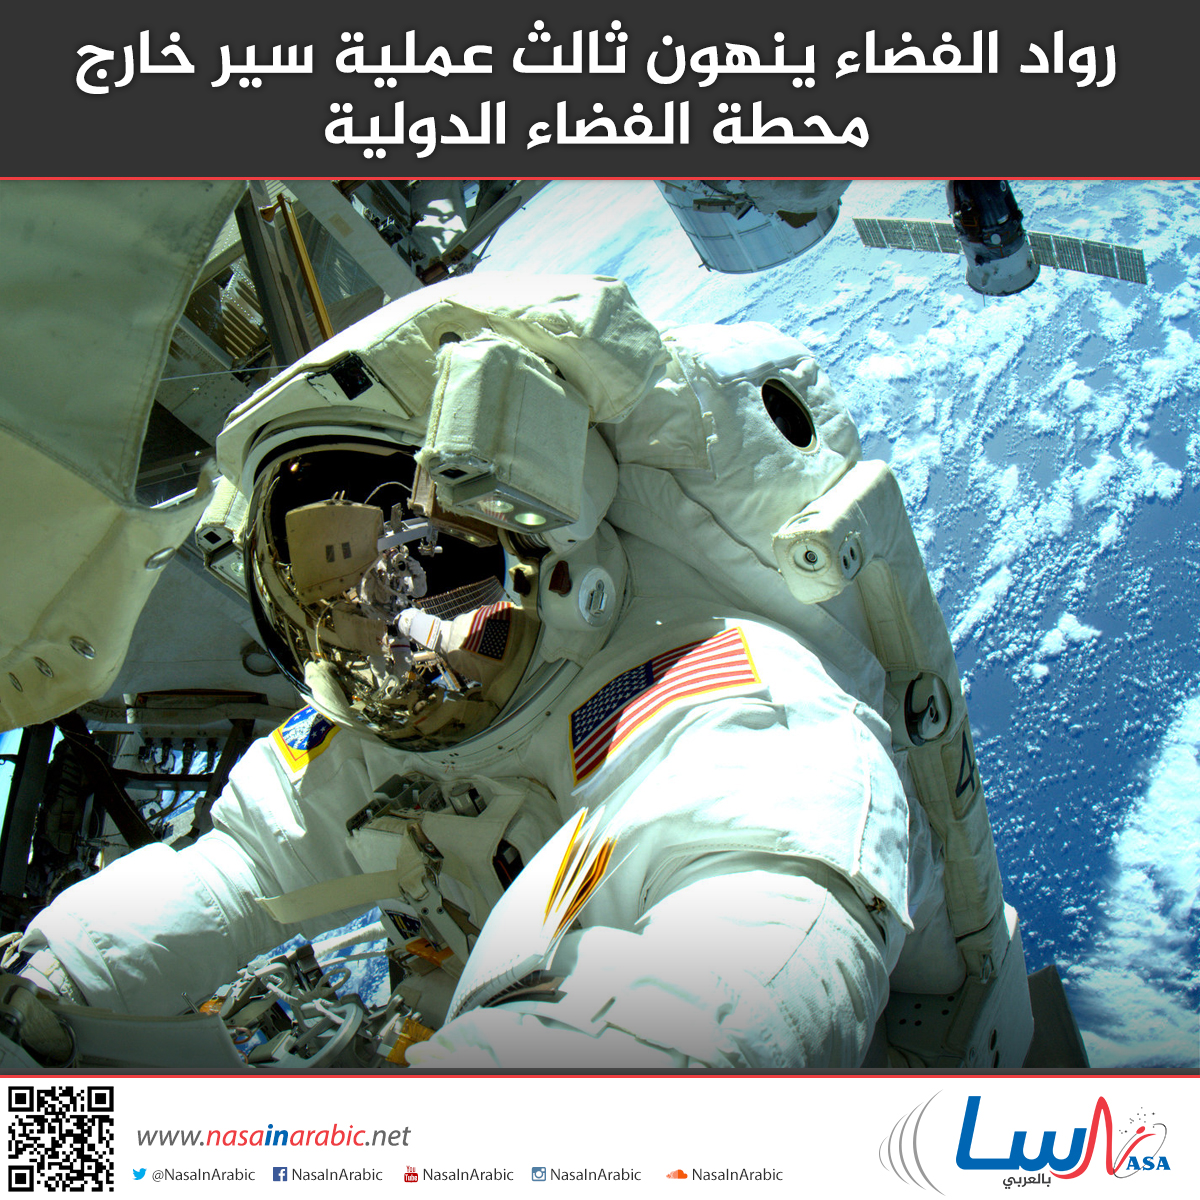 رواد الفضاء ينهون ثالث عملية سير خارج محطة الفضاء الدولية